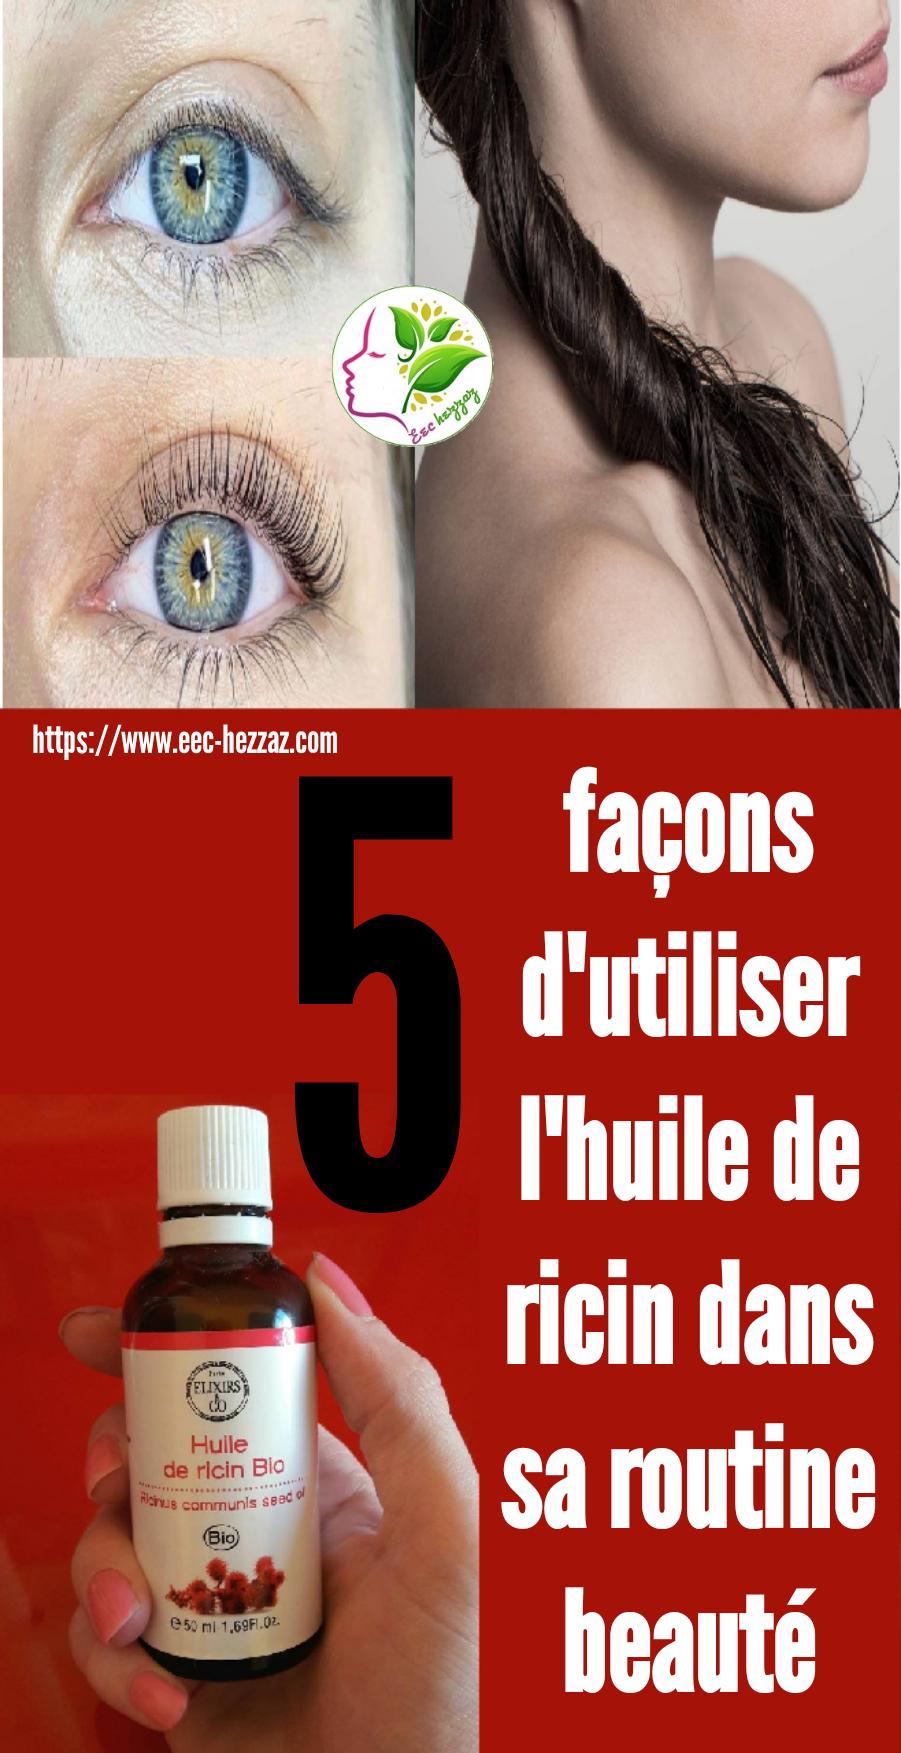 5 façons d'utiliser l'huile de ricin dans sa routine beauté